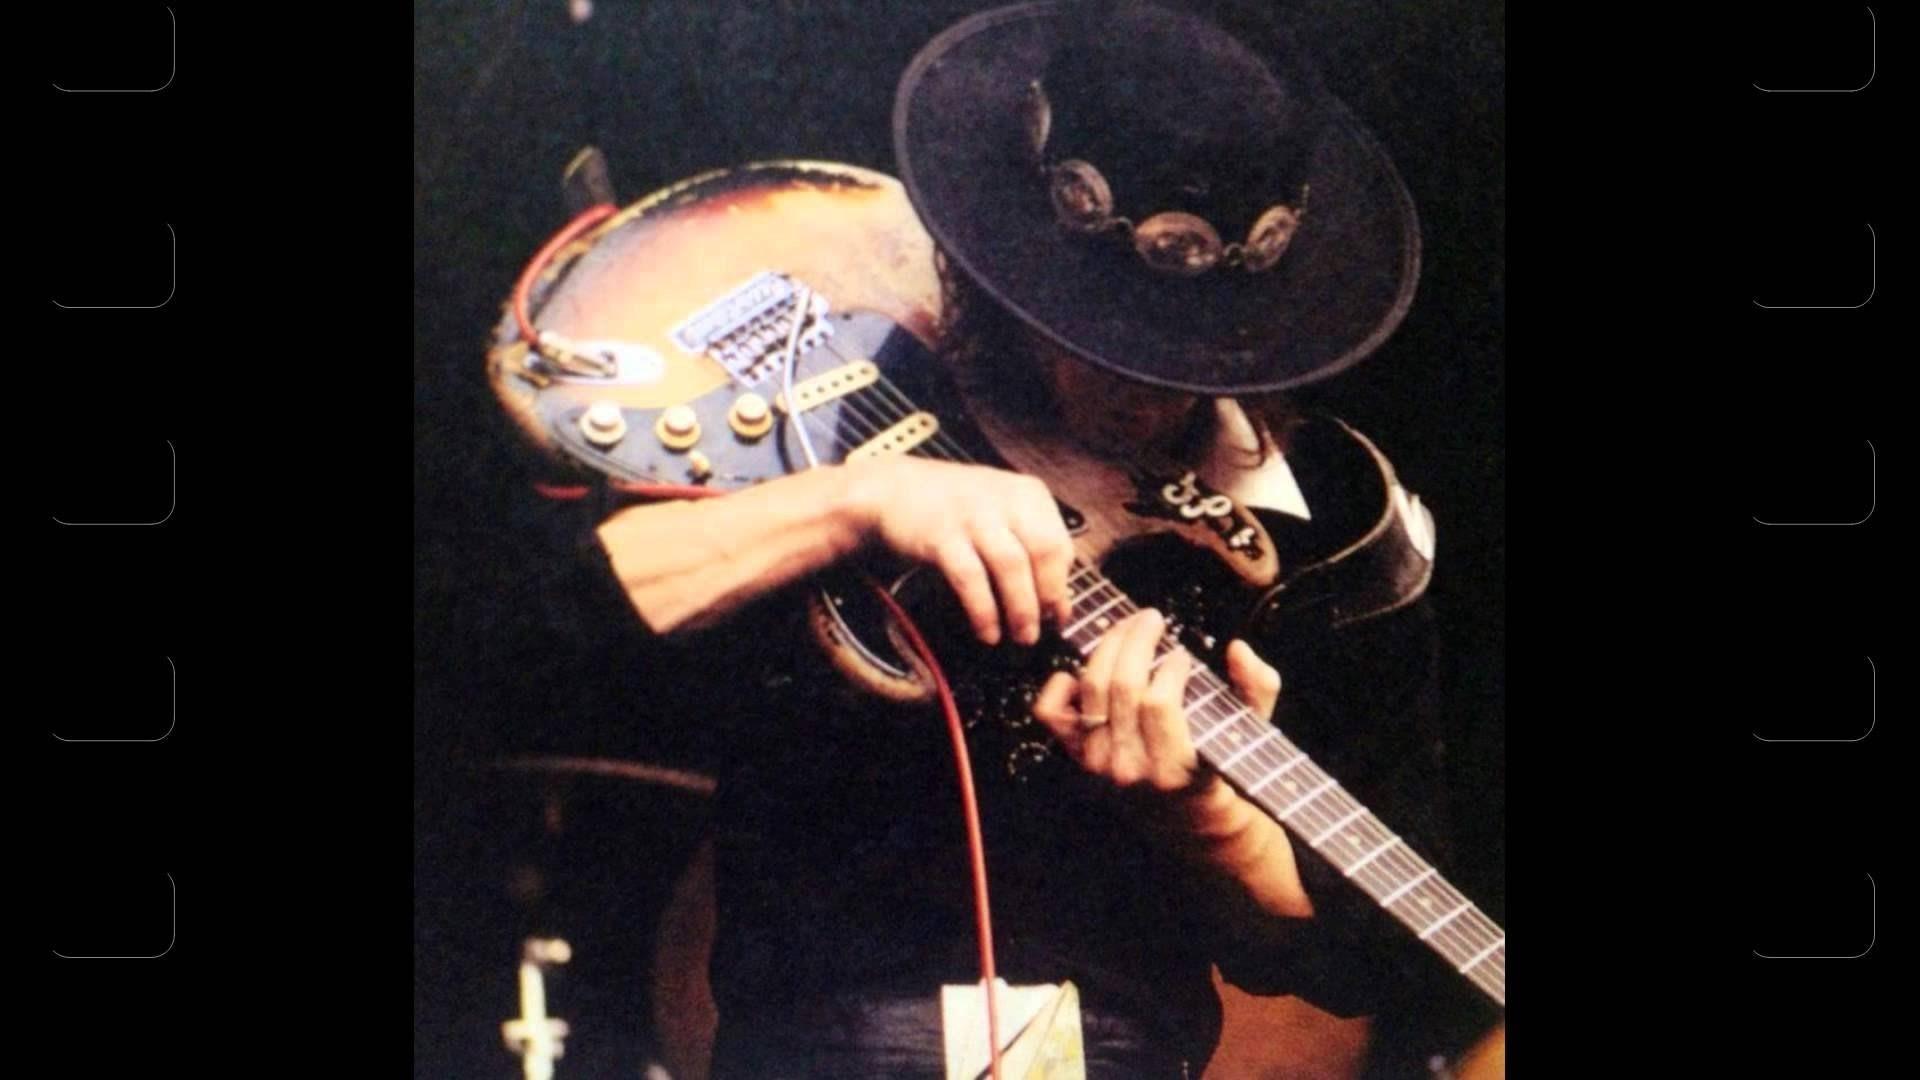 Stevie Ray Vaughan Wallpaper HD (79+ images) on jimmie vaughan heart attack, jimmie vaughan band, jimmie vaughan car collection, jimmie vaughan strat used, jimmie vaughan stevie ray vaughan, jimmie vaughan dengue woman blues, jimmie vaughan rig rundown, jimmie vaughan guitar, jimmie vaughan art, jimmie vaughan amp, jimmie vaughan twin girls,